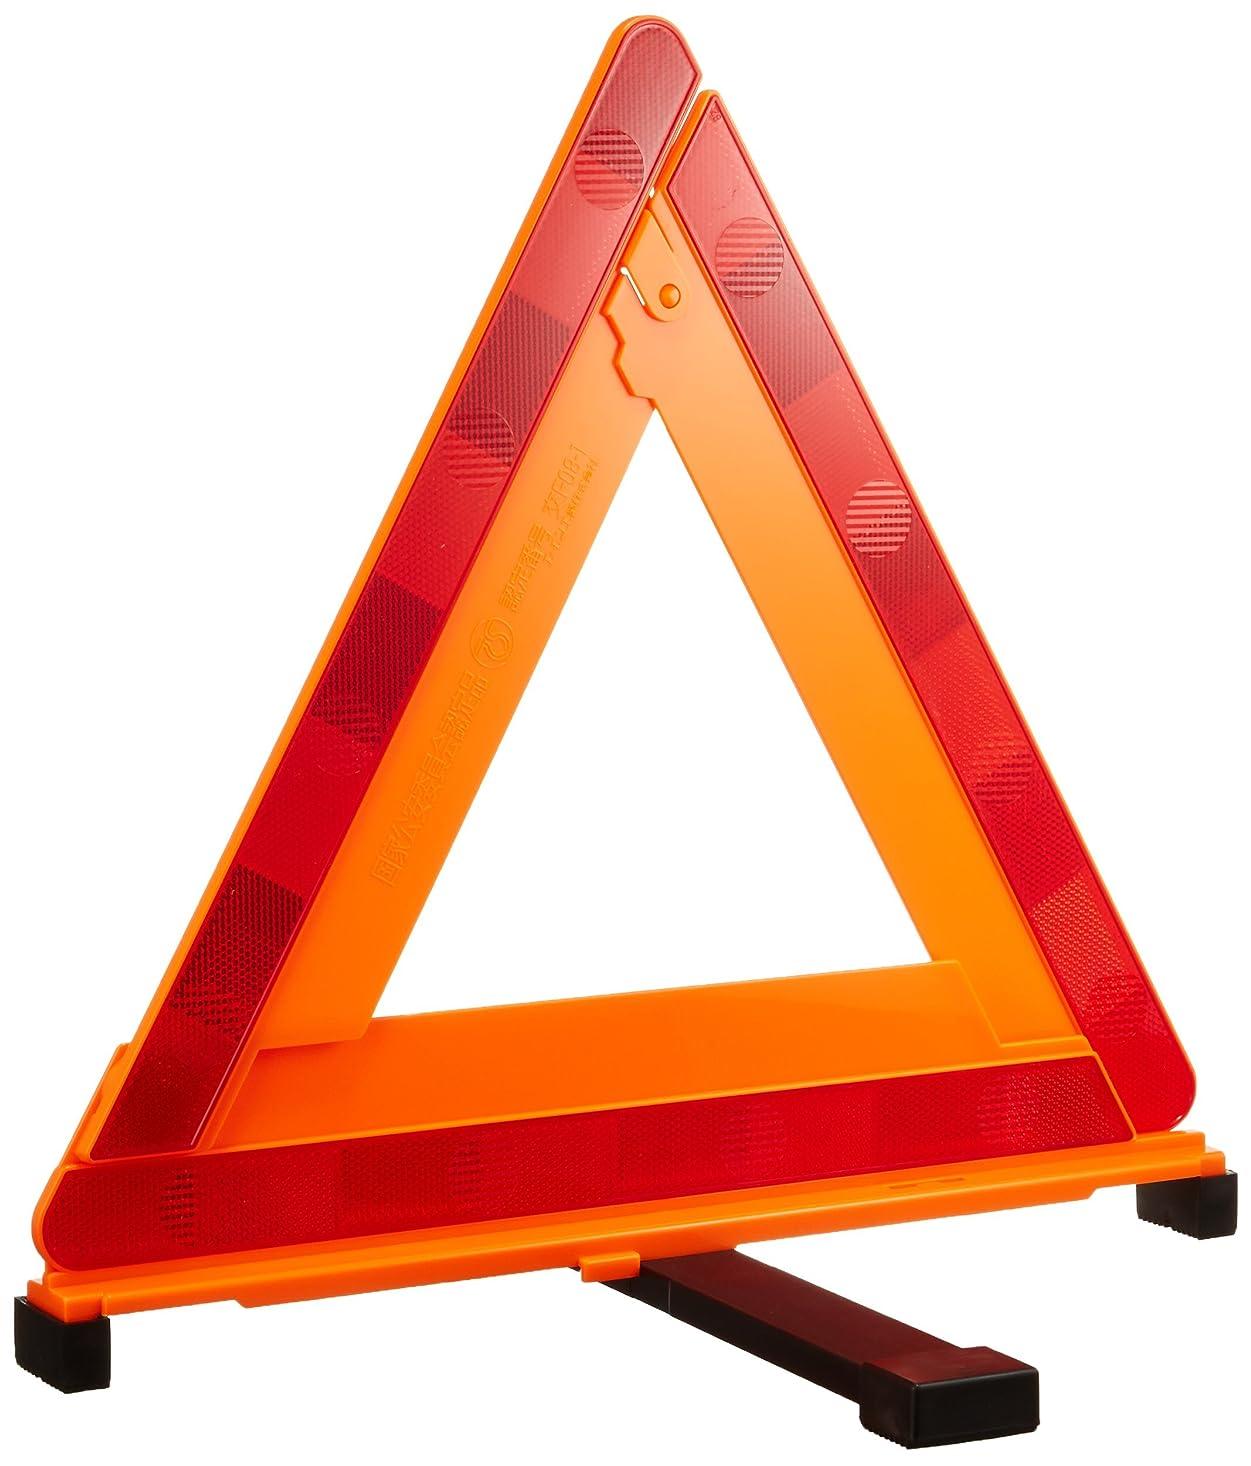 時計付与復活三角停止板 三角反射板 三角停止表示板 折りたたみ式 Ecaslo緊急停止 緊急対応用品昼夜兼用 コンパクト収納可能 専用収納ケース付き